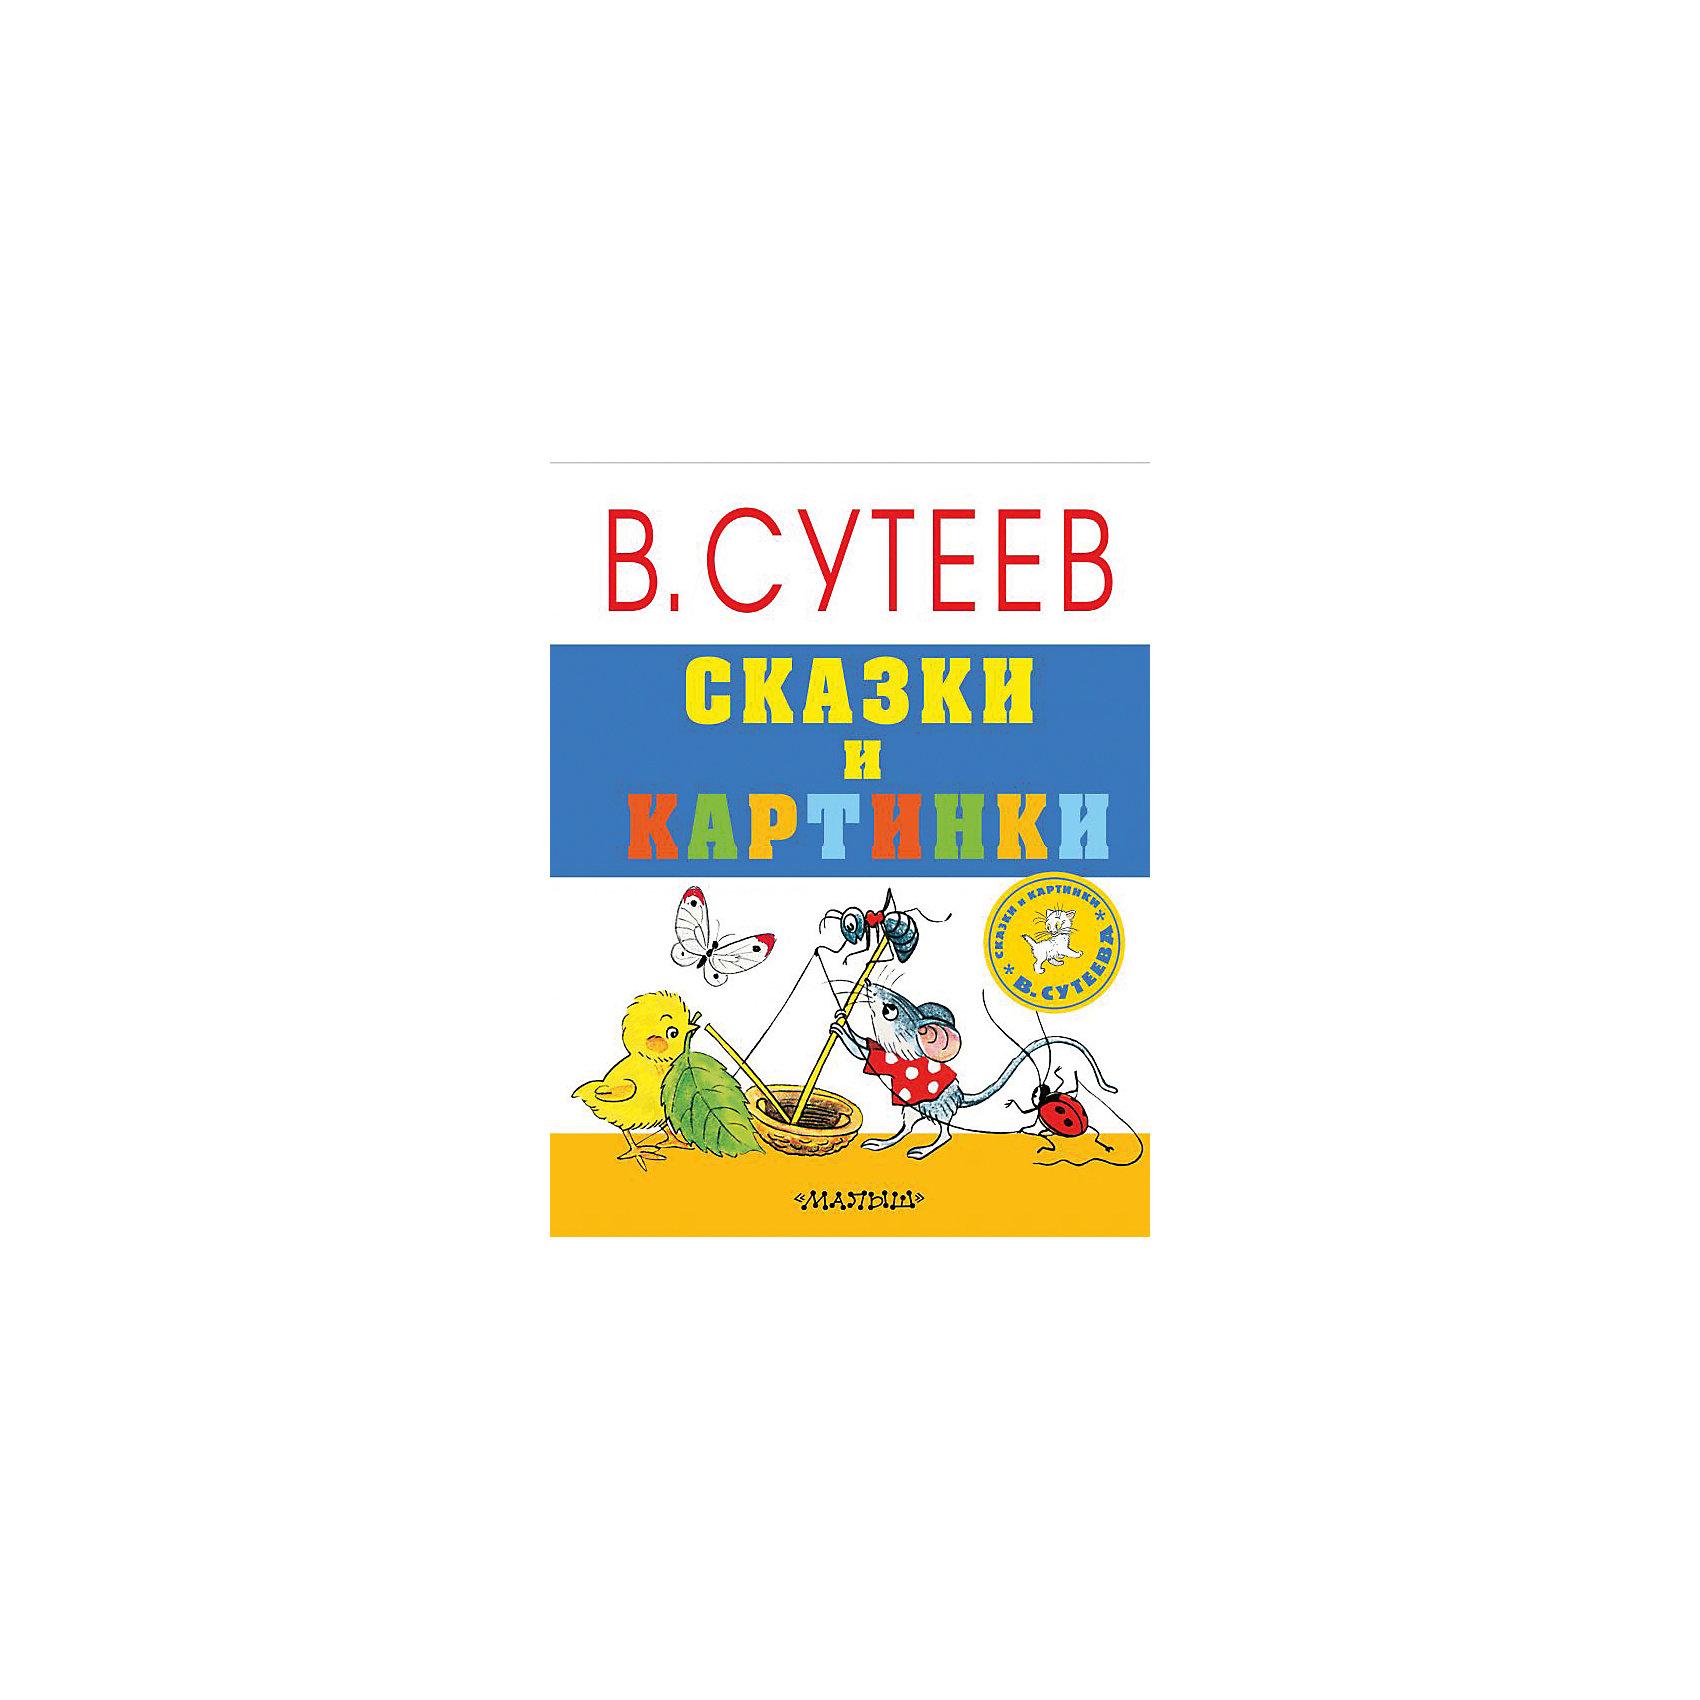 Сказки и картинки В. СутееваСутеев В.Г.<br>«Сказки и картинки» - книга, в которой собраны сказки для самых маленьких детей. Каждая сказка «рассказана» и в картинках; и в каждой картинке есть история, действие, персонажи с человеческими характерами. «Три котёнка», «Цыплёнок и Утёнок», «Кораблик» и другие сказки В. Г. Сутеева родители читают своим малышам с 1952 года. Когда была издана книга «Сказки и картинки», Корней Иванович Чуковский отметил её уникальность и необыкновенный талант художника-сказочника. Мы согласны с классиком.<br>Для детей до 3-х лет.<br><br>Ширина мм: 210<br>Глубина мм: 162<br>Высота мм: 160<br>Вес г: 44<br>Возраст от месяцев: 48<br>Возраст до месяцев: 72<br>Пол: Унисекс<br>Возраст: Детский<br>SKU: 6848388